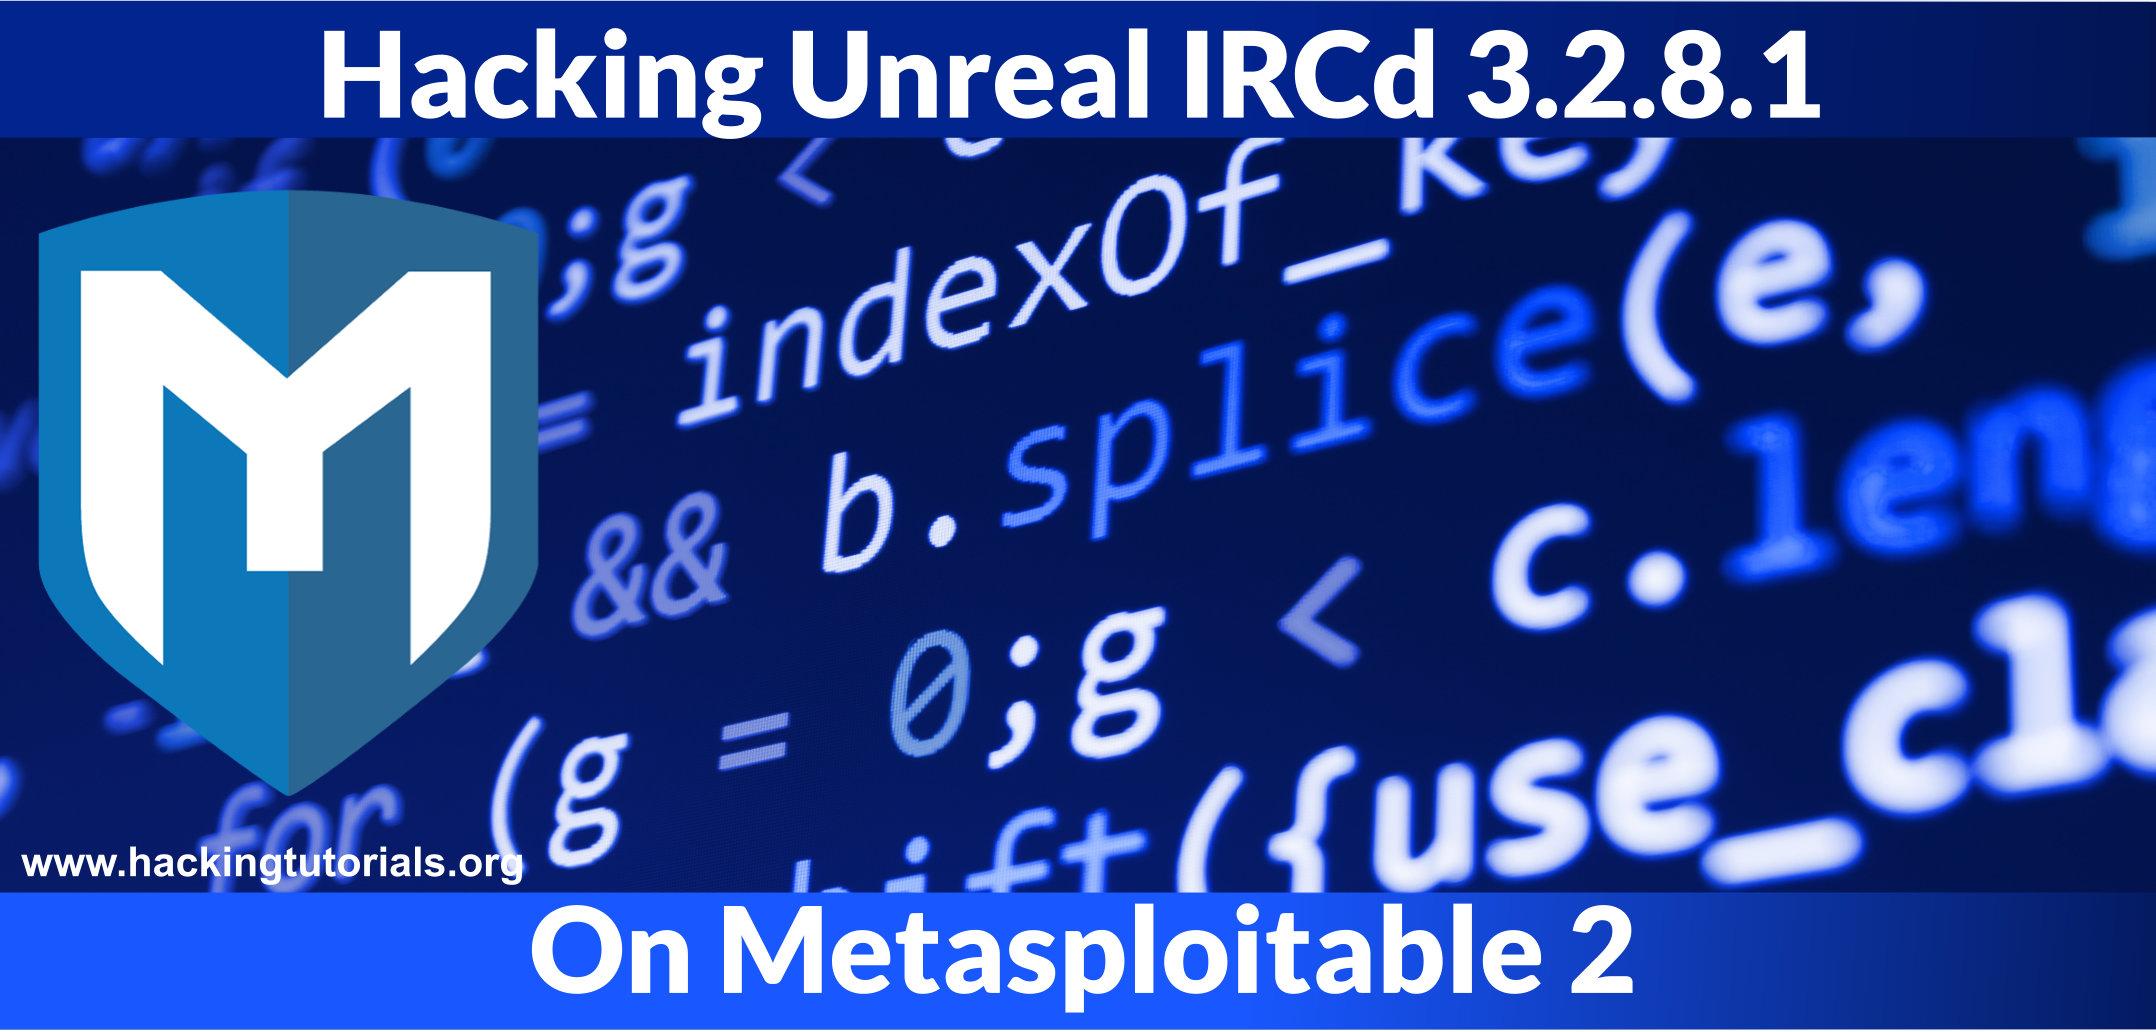 Hacking Unreal IRCd 3 2 8 1 on Metasploitable 2 - Hacking